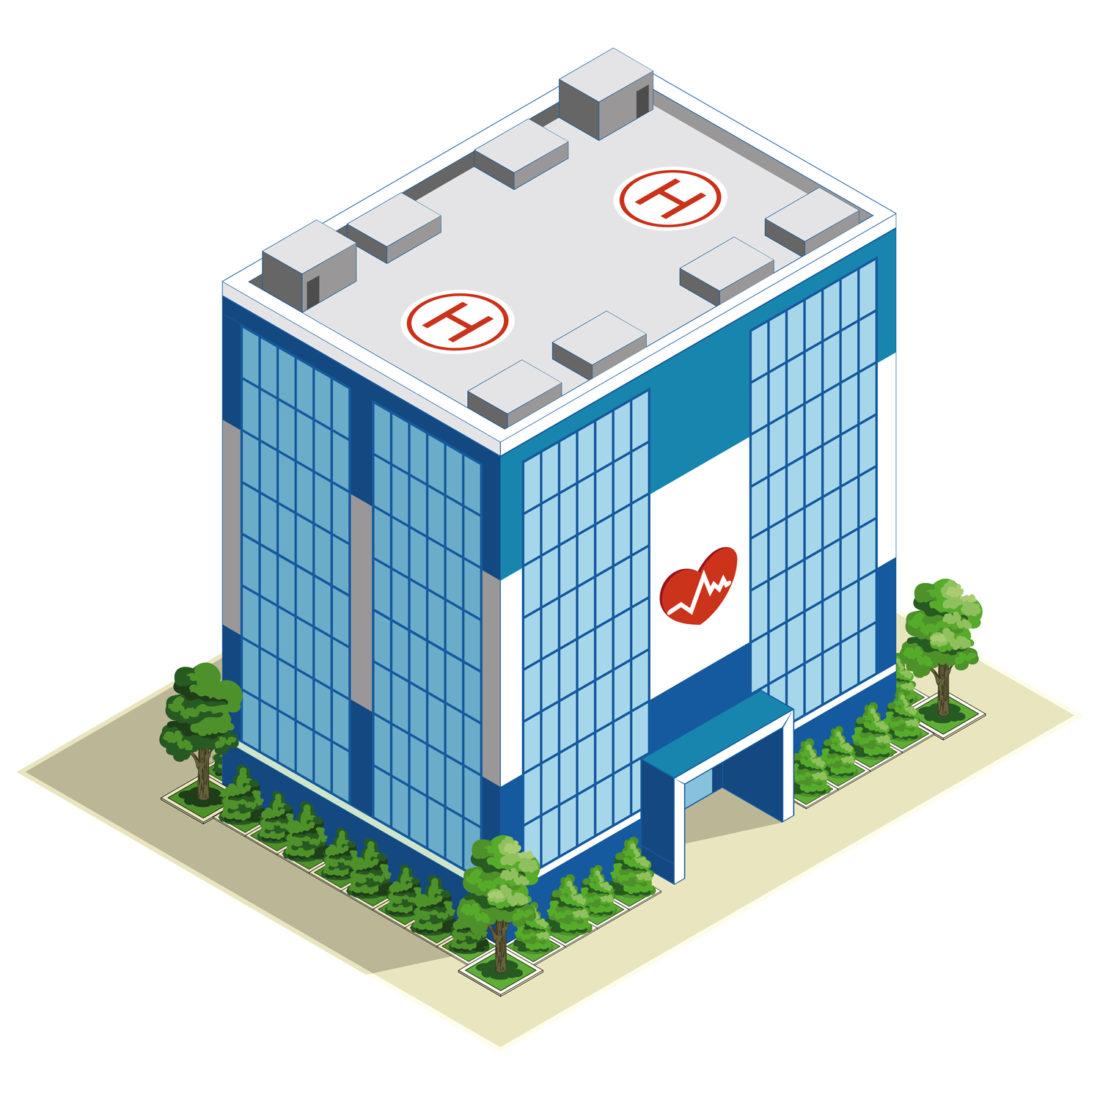 Finding extra hospital capacity